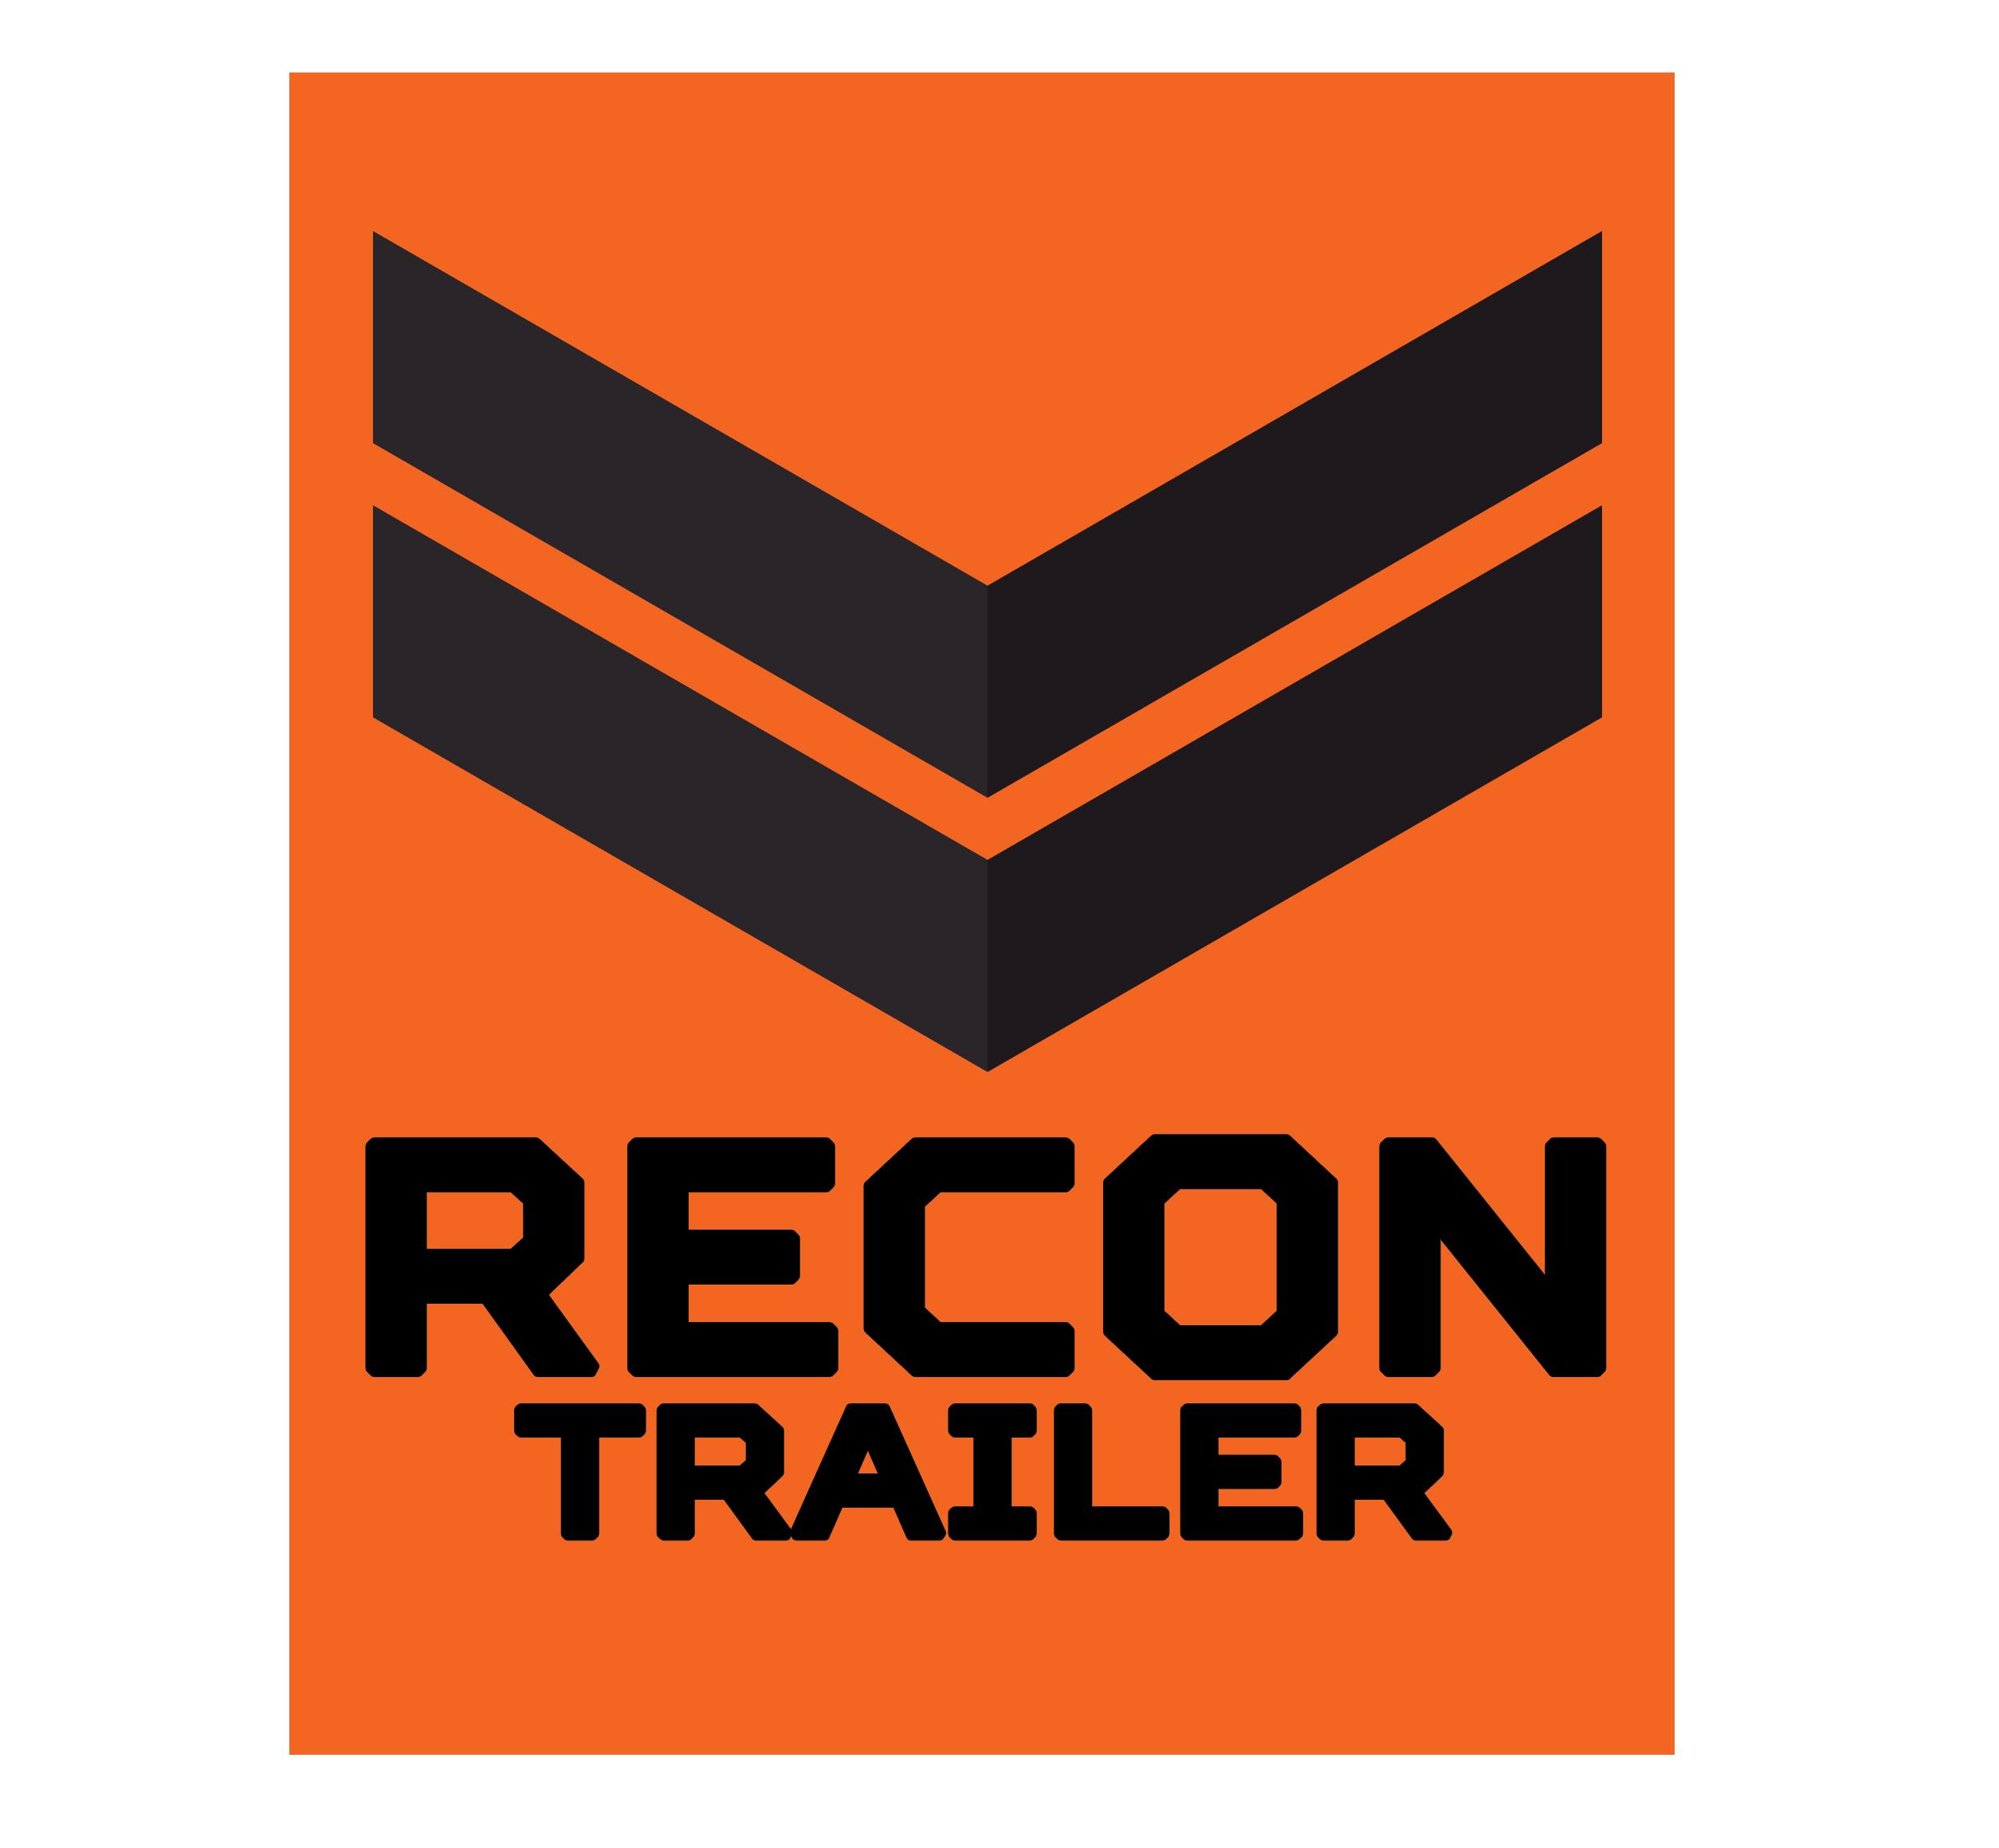 Recon Trailer Ltd.